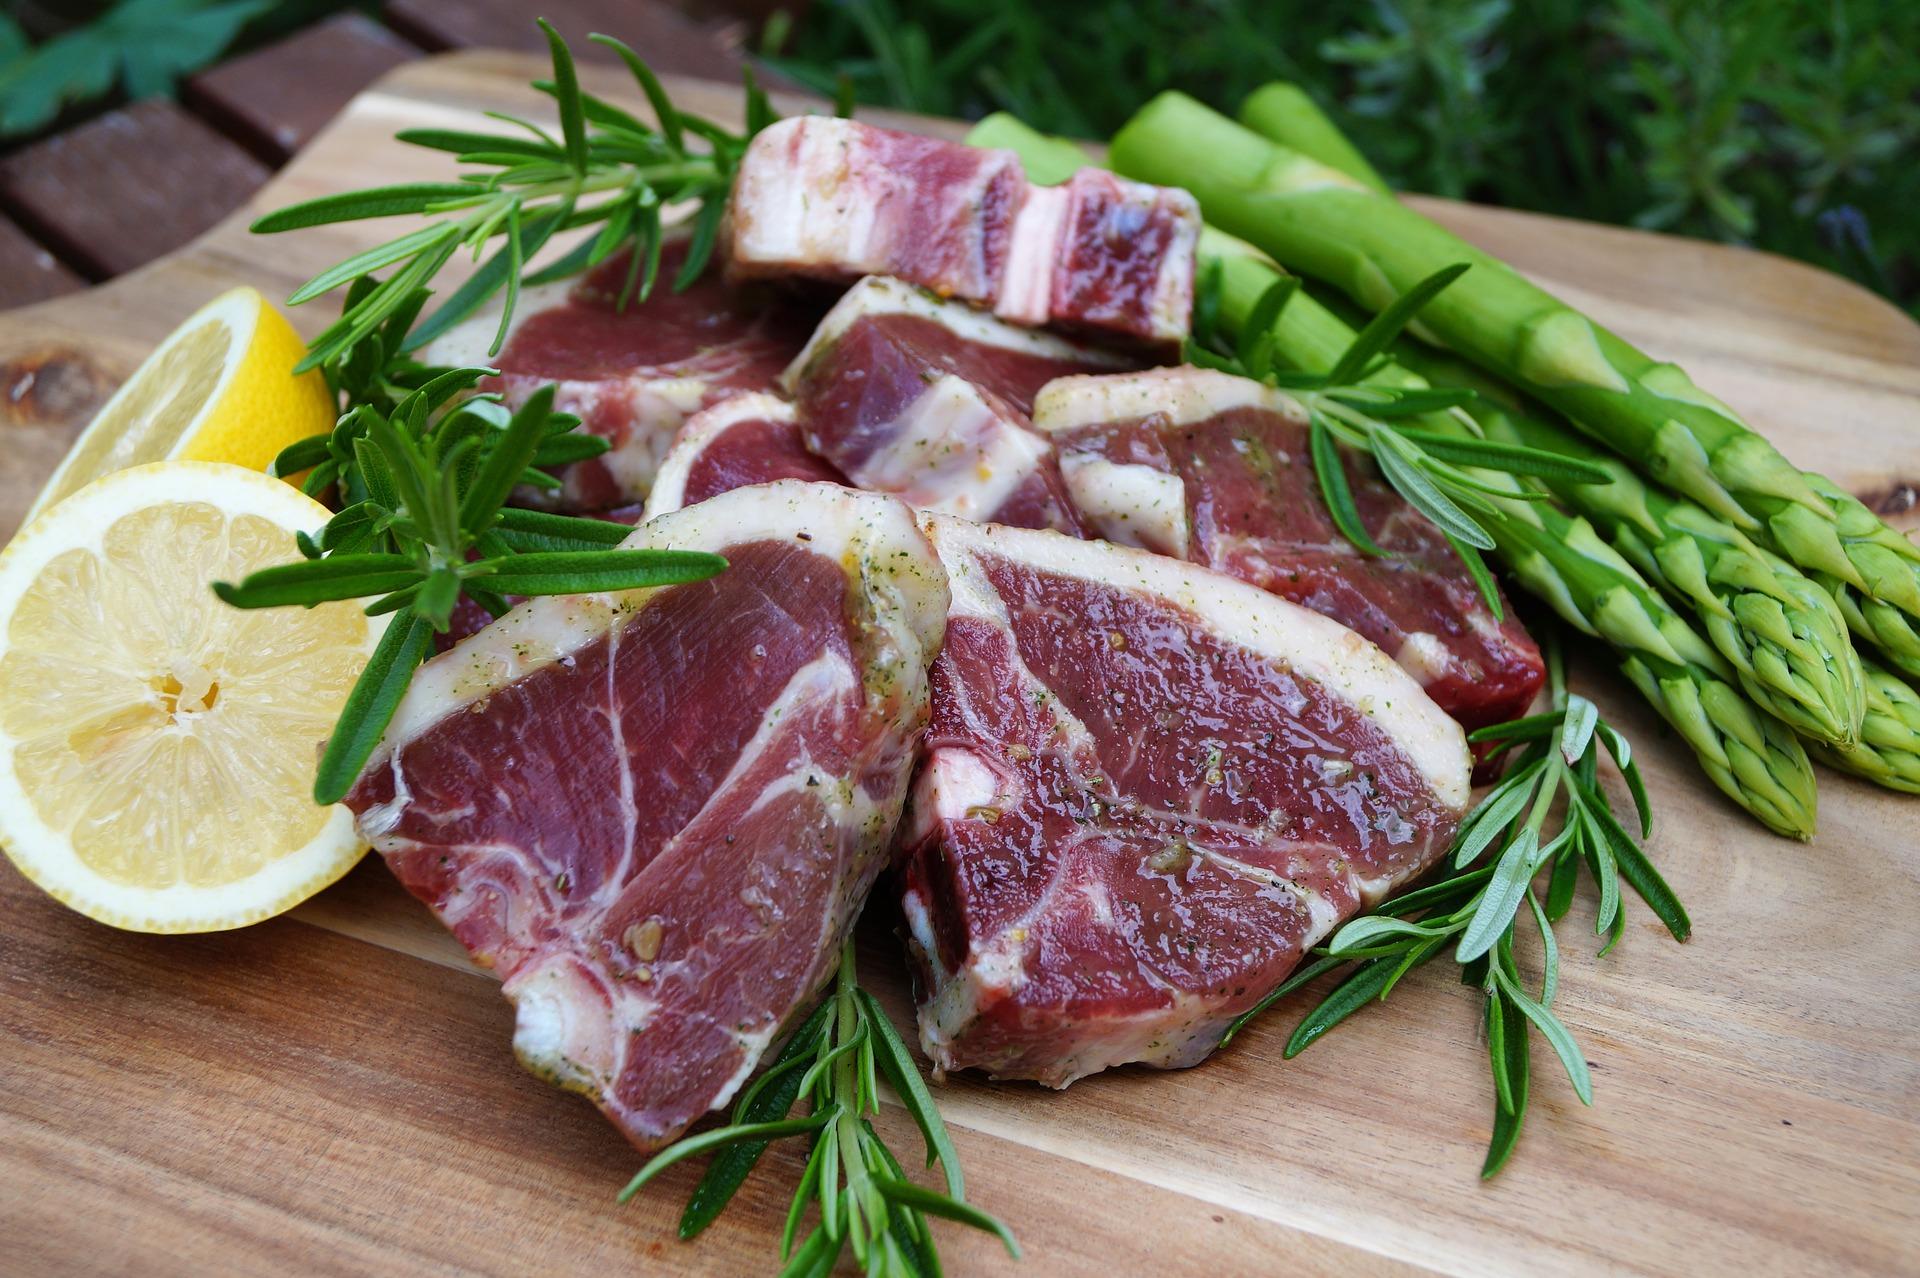 Україна має великий потенціал на ринку баранини — експерт